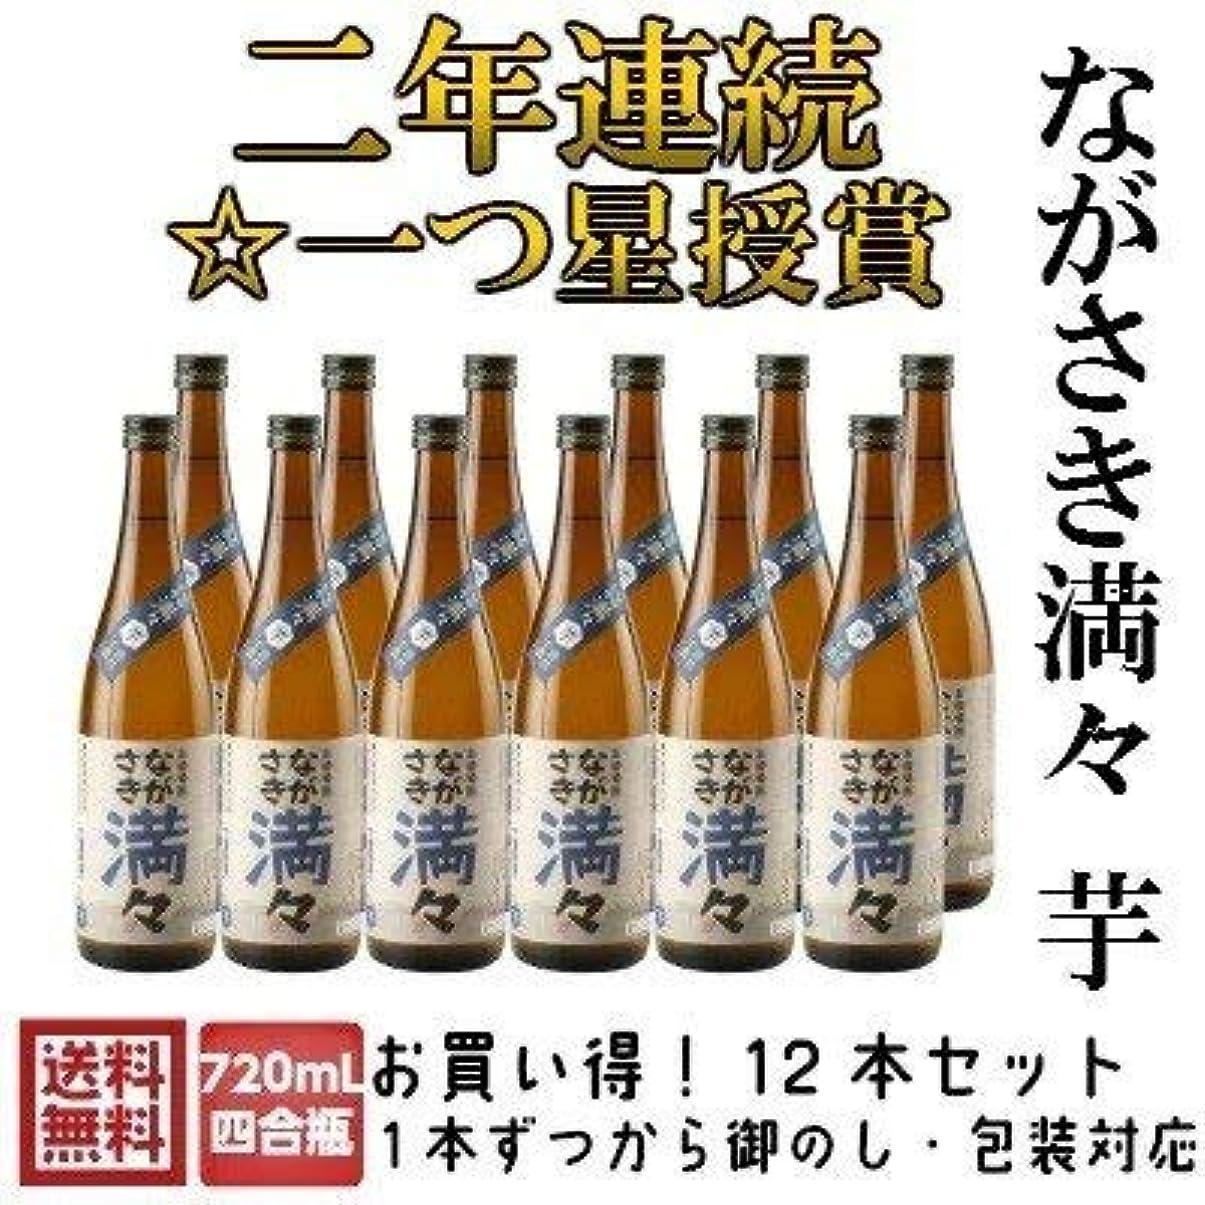 ライセンス代表して十分25゜ながさき満々芋720ml 12本 長崎 芋焼酎 ギフト 芋 内祝い 誕生日